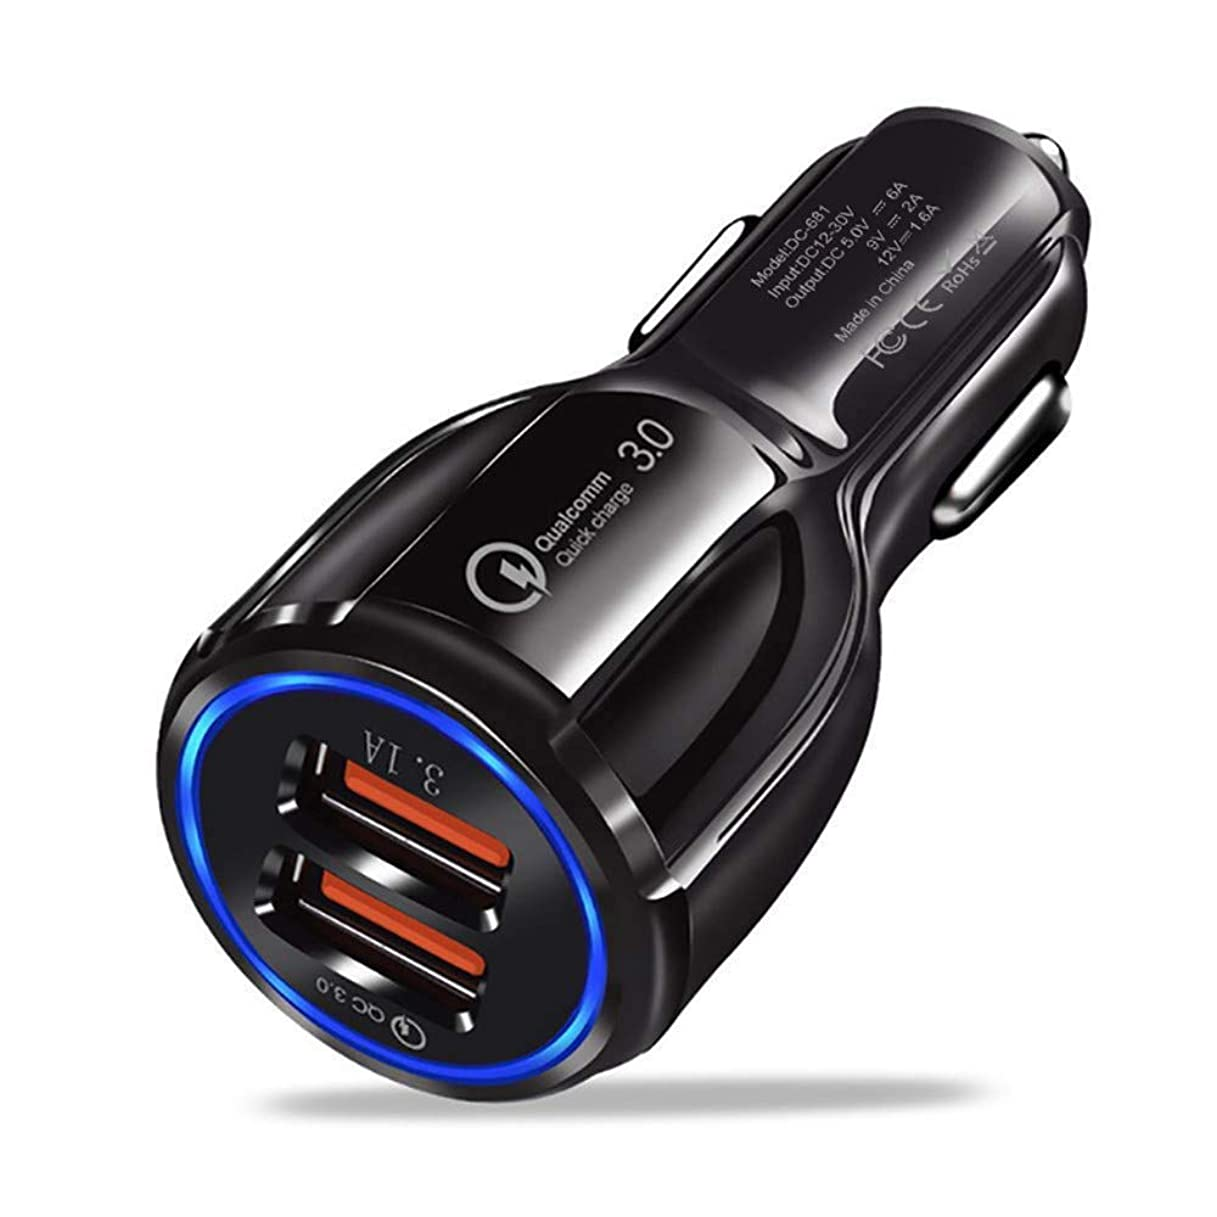 貫通する驚噂SNOWINSPRING デュアルUSB車の充電器 高速急速充電3.0 - デュアルポート充電アダプター iOSおよびAndroidデバイス用